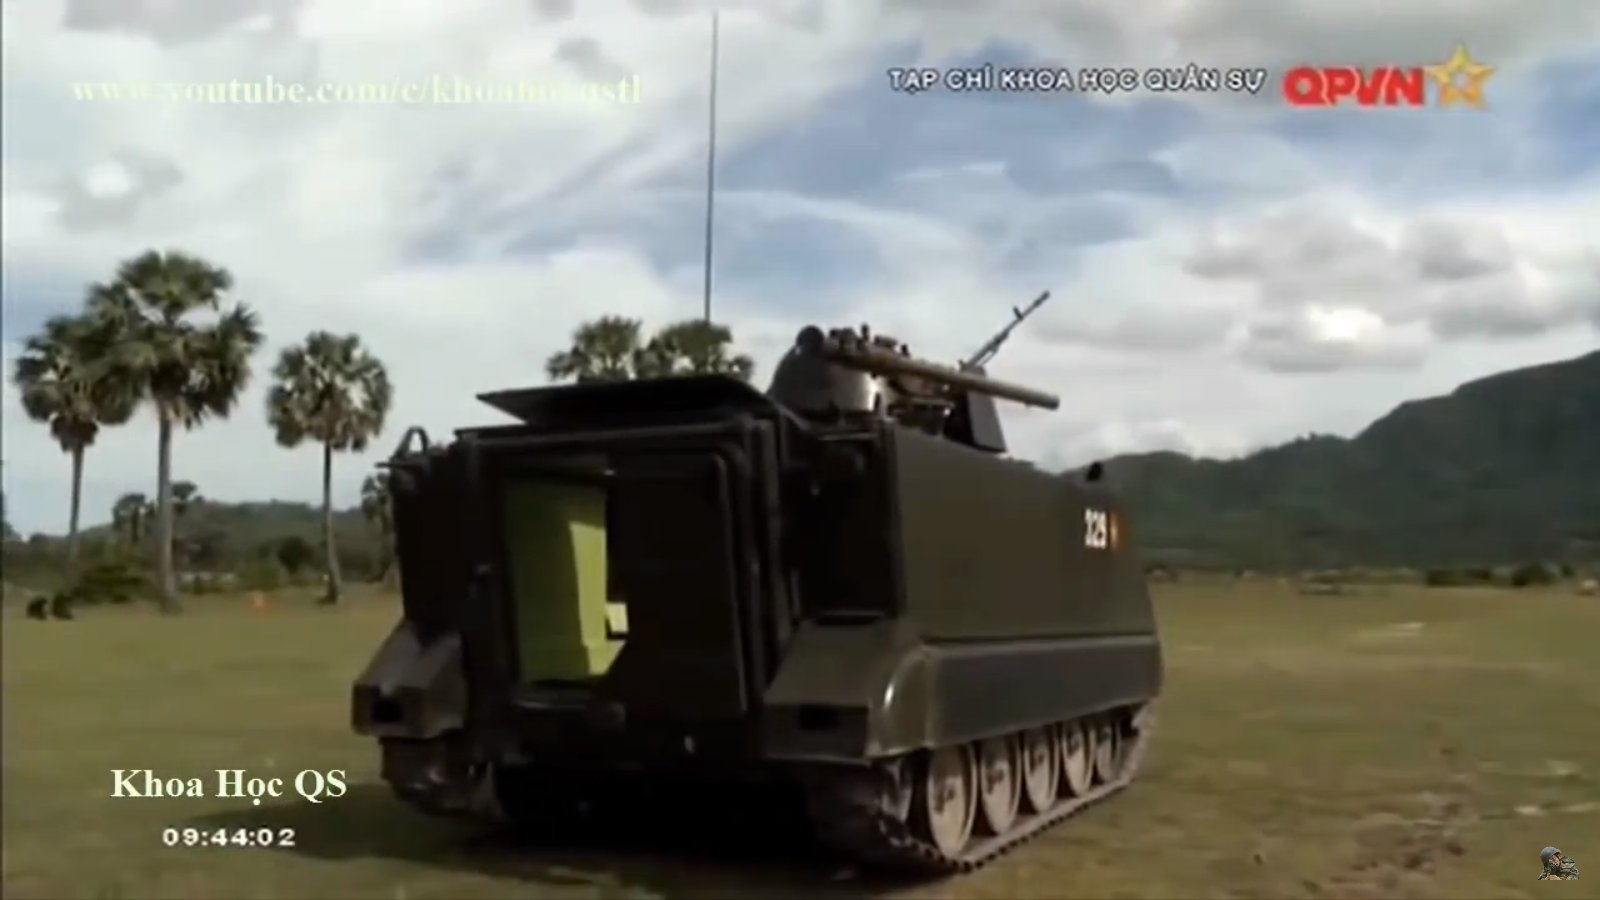 Американски БТР М113, оборудвани със съветско оръжие във Виетнам /ВИДЕО / СНИМКИ/